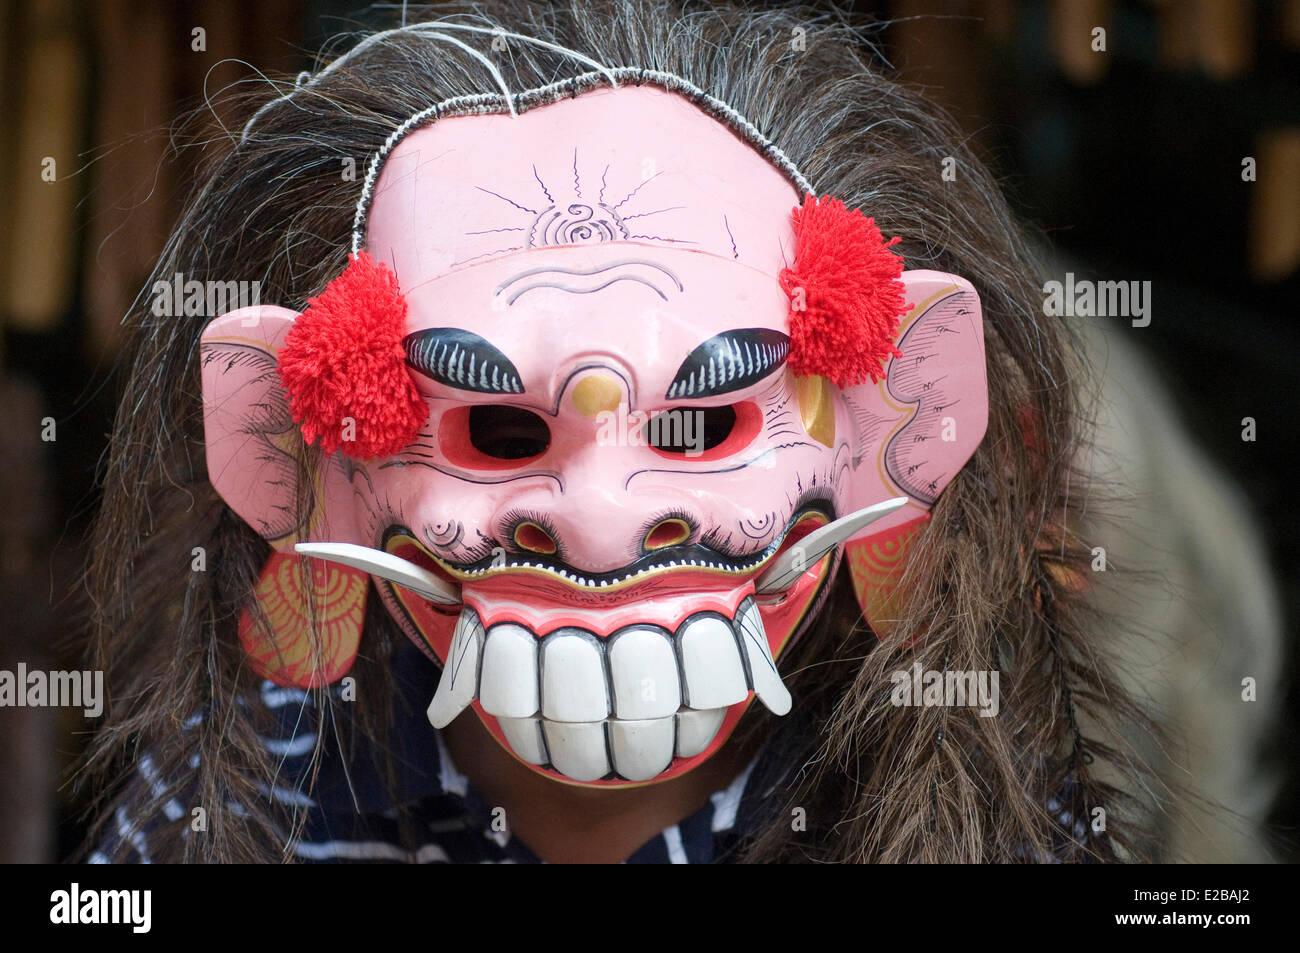 Indonesia, Bali, Ubud, market man wearing a painted mask - Stock Image